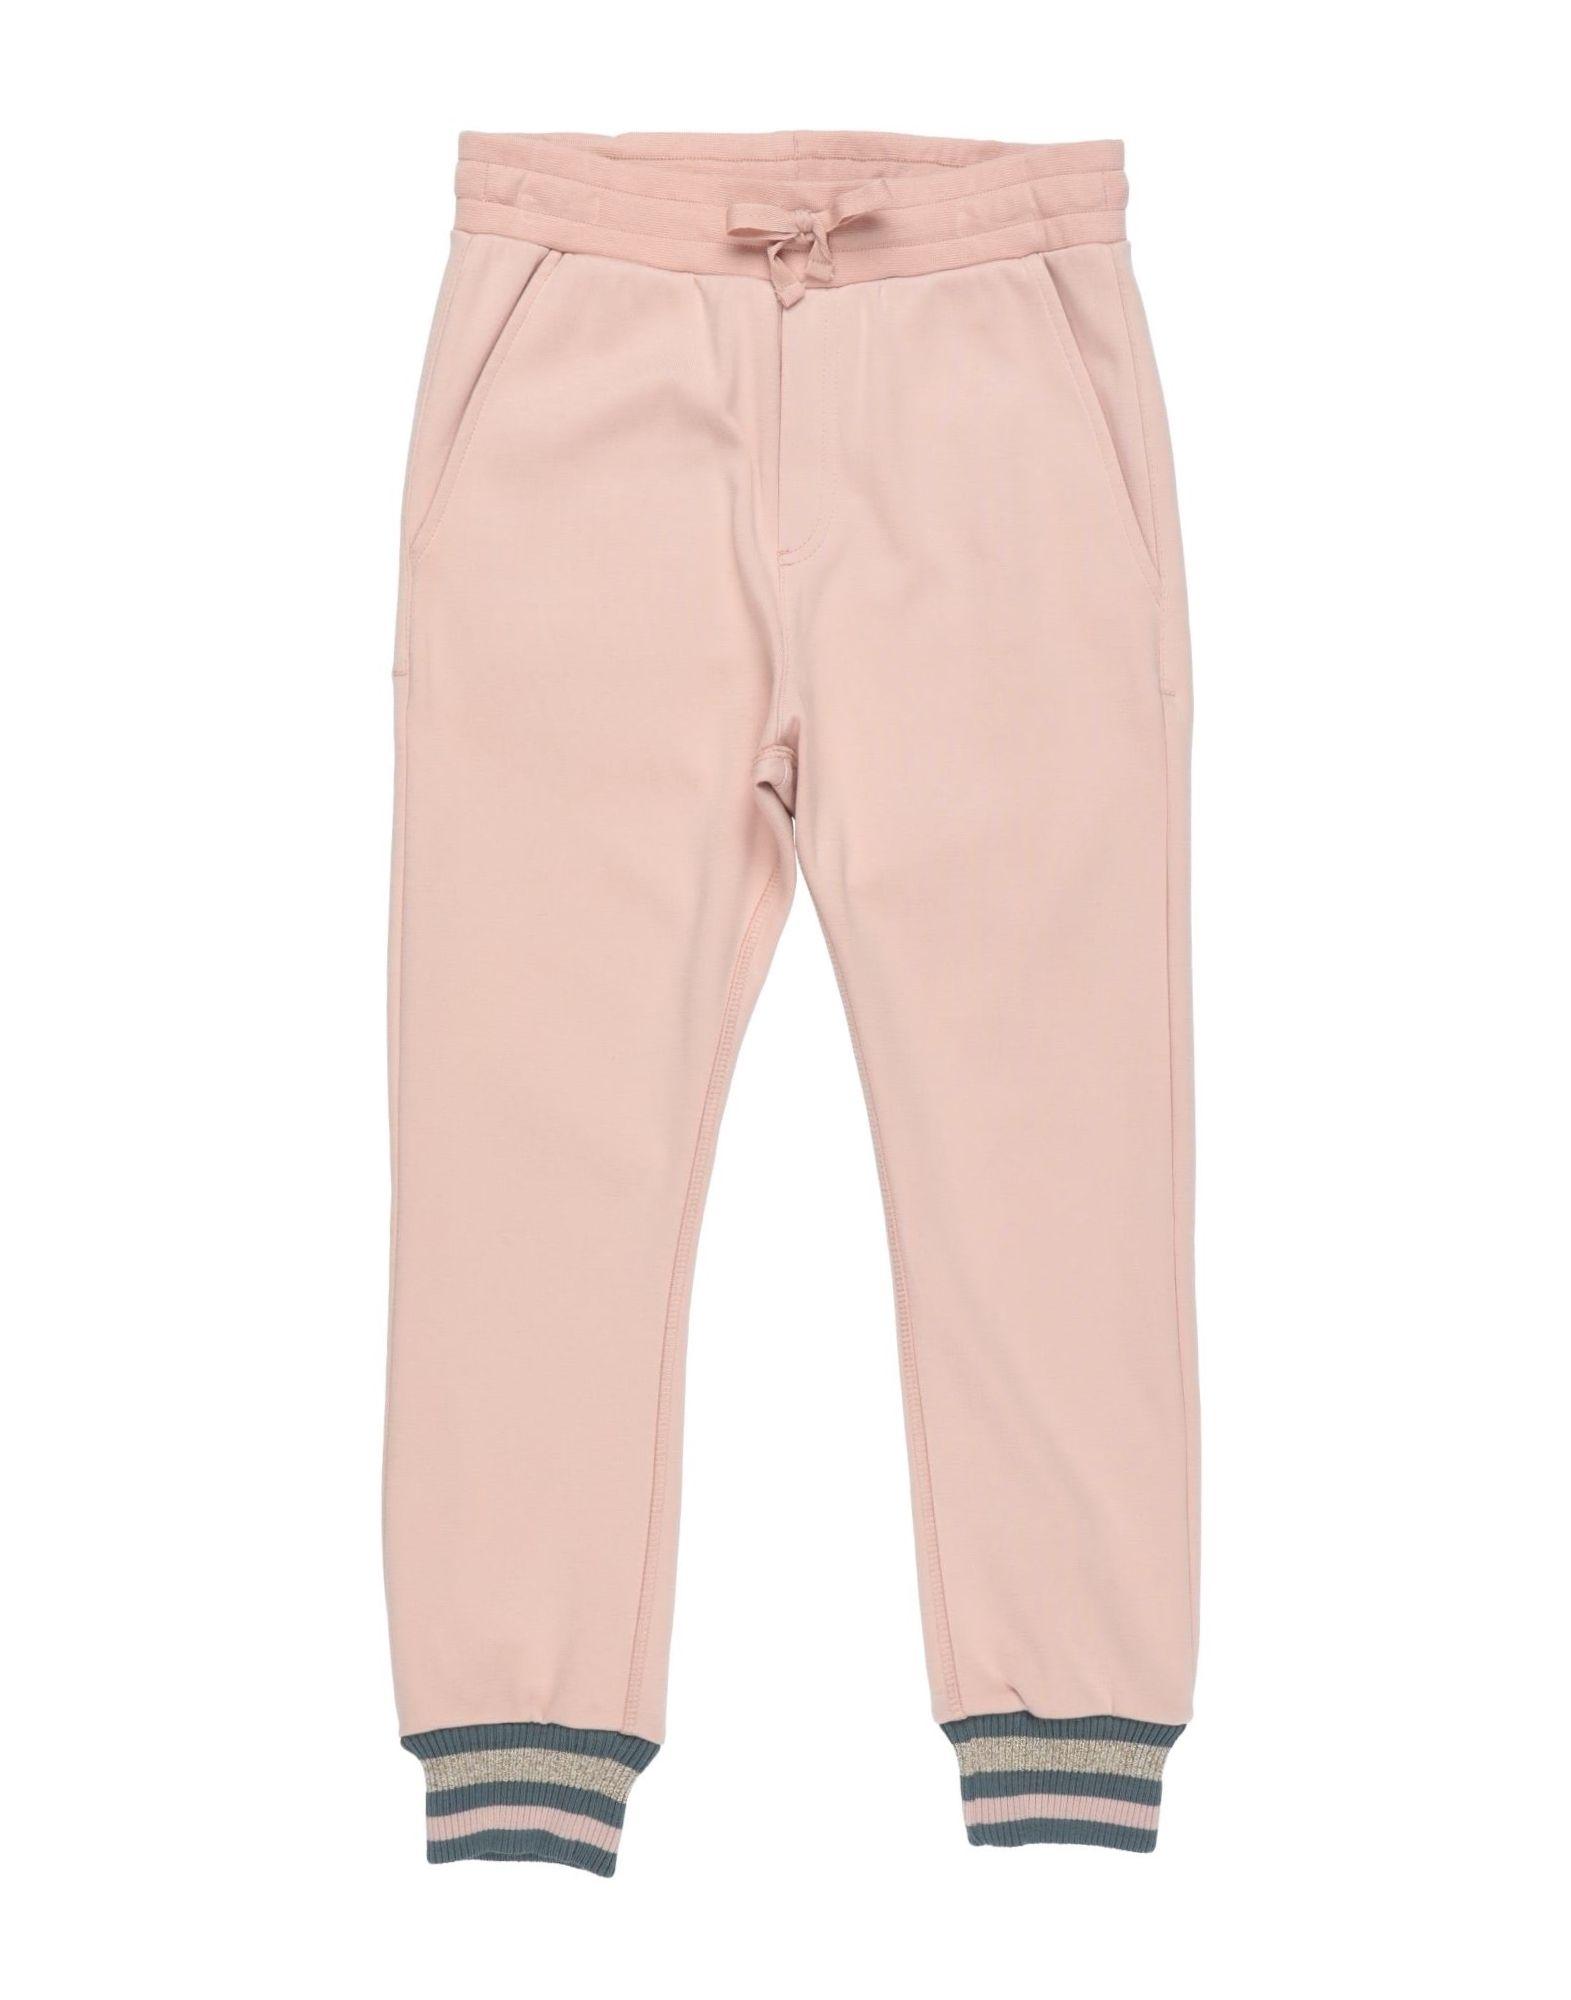 Marmar Copenhagen Kids' Casual Pants In Pink